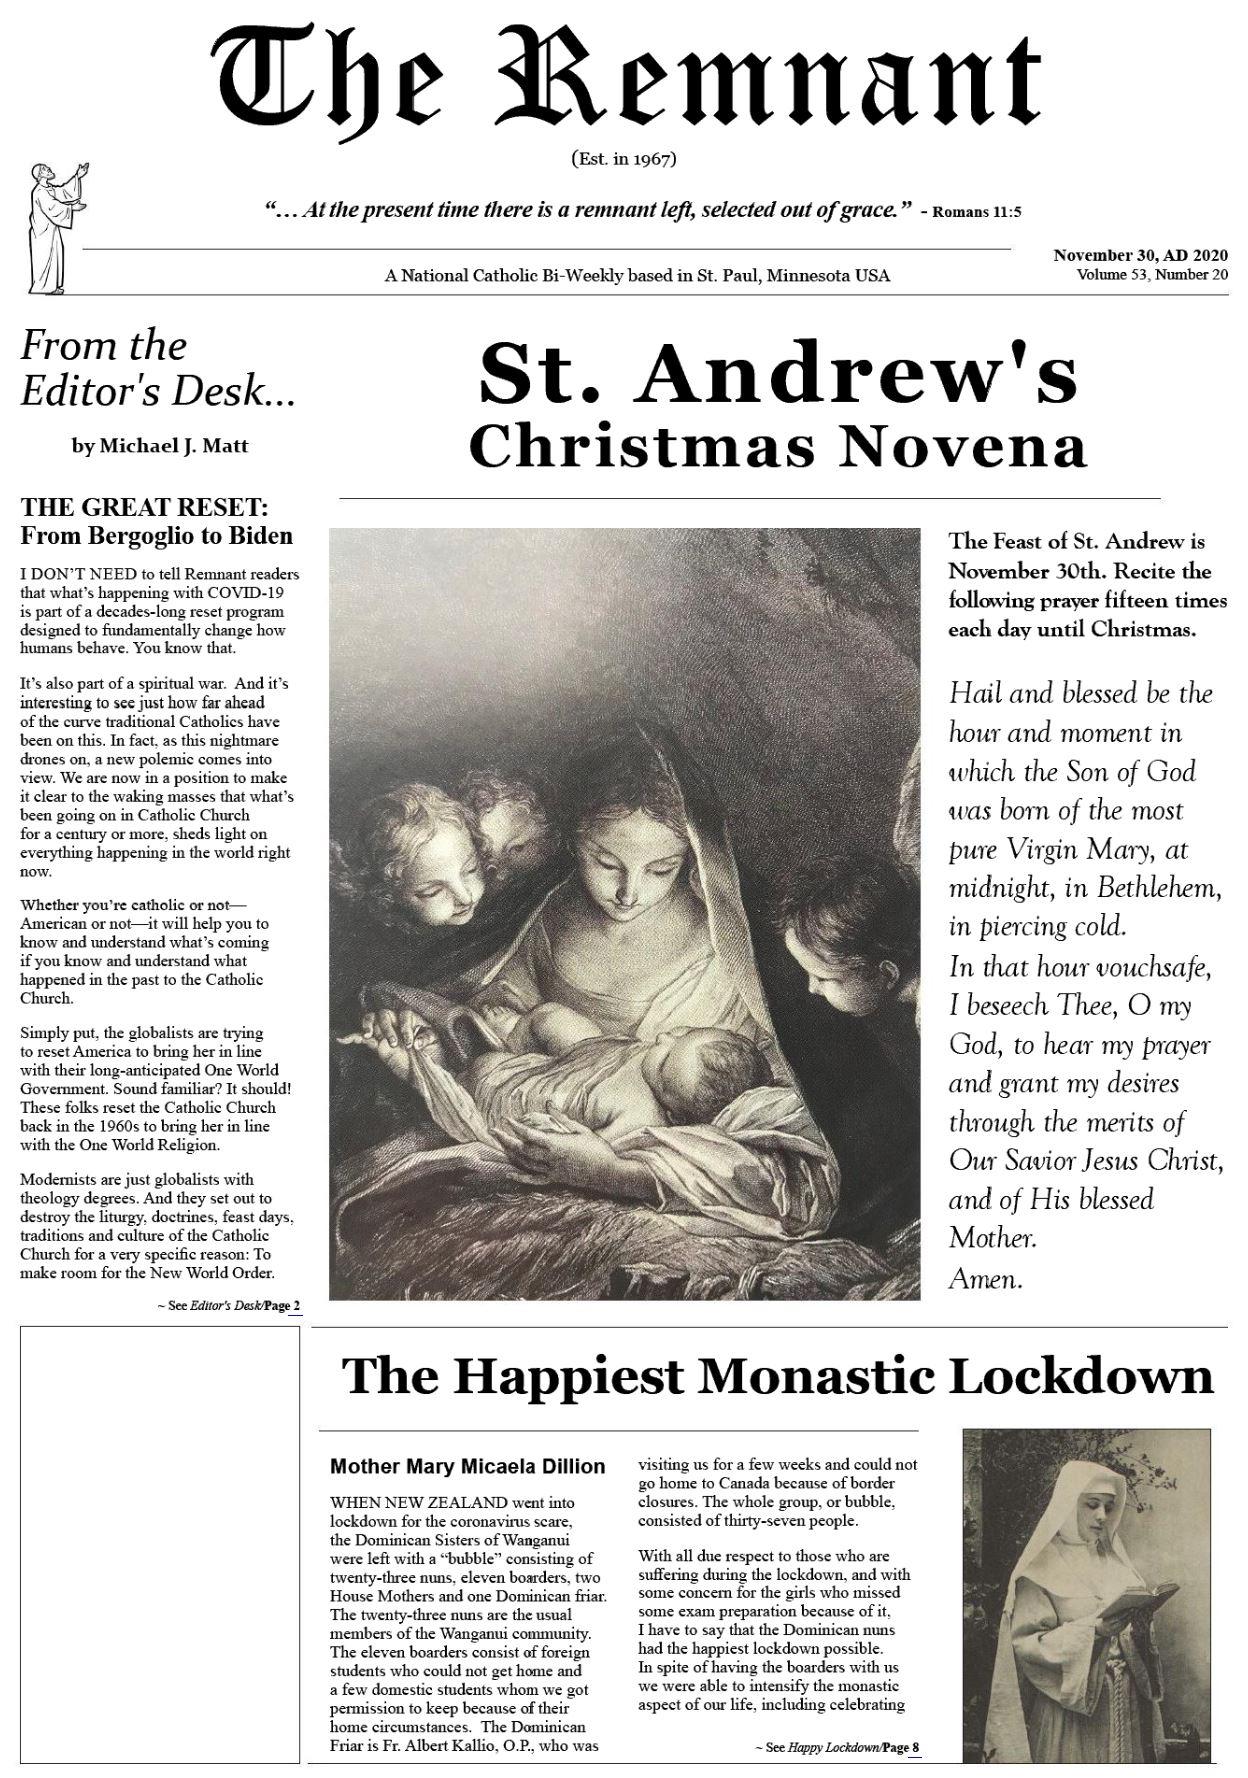 Nov 30 cover